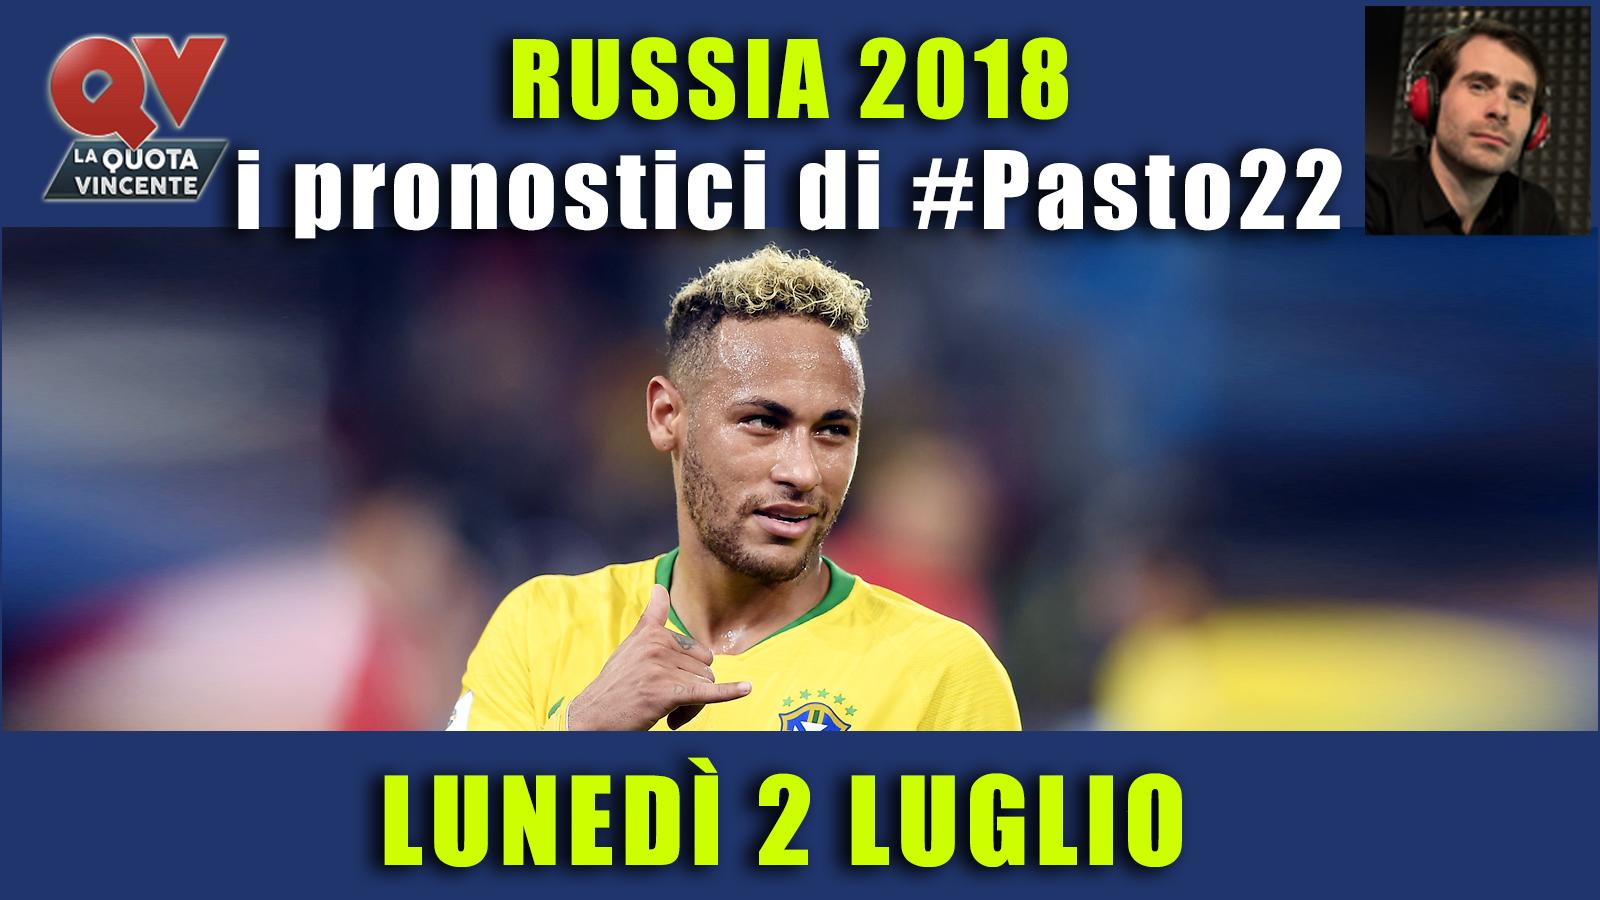 Pronostici Mondiali 2 luglio: le dritte di #Pasto22 a Russia 2018